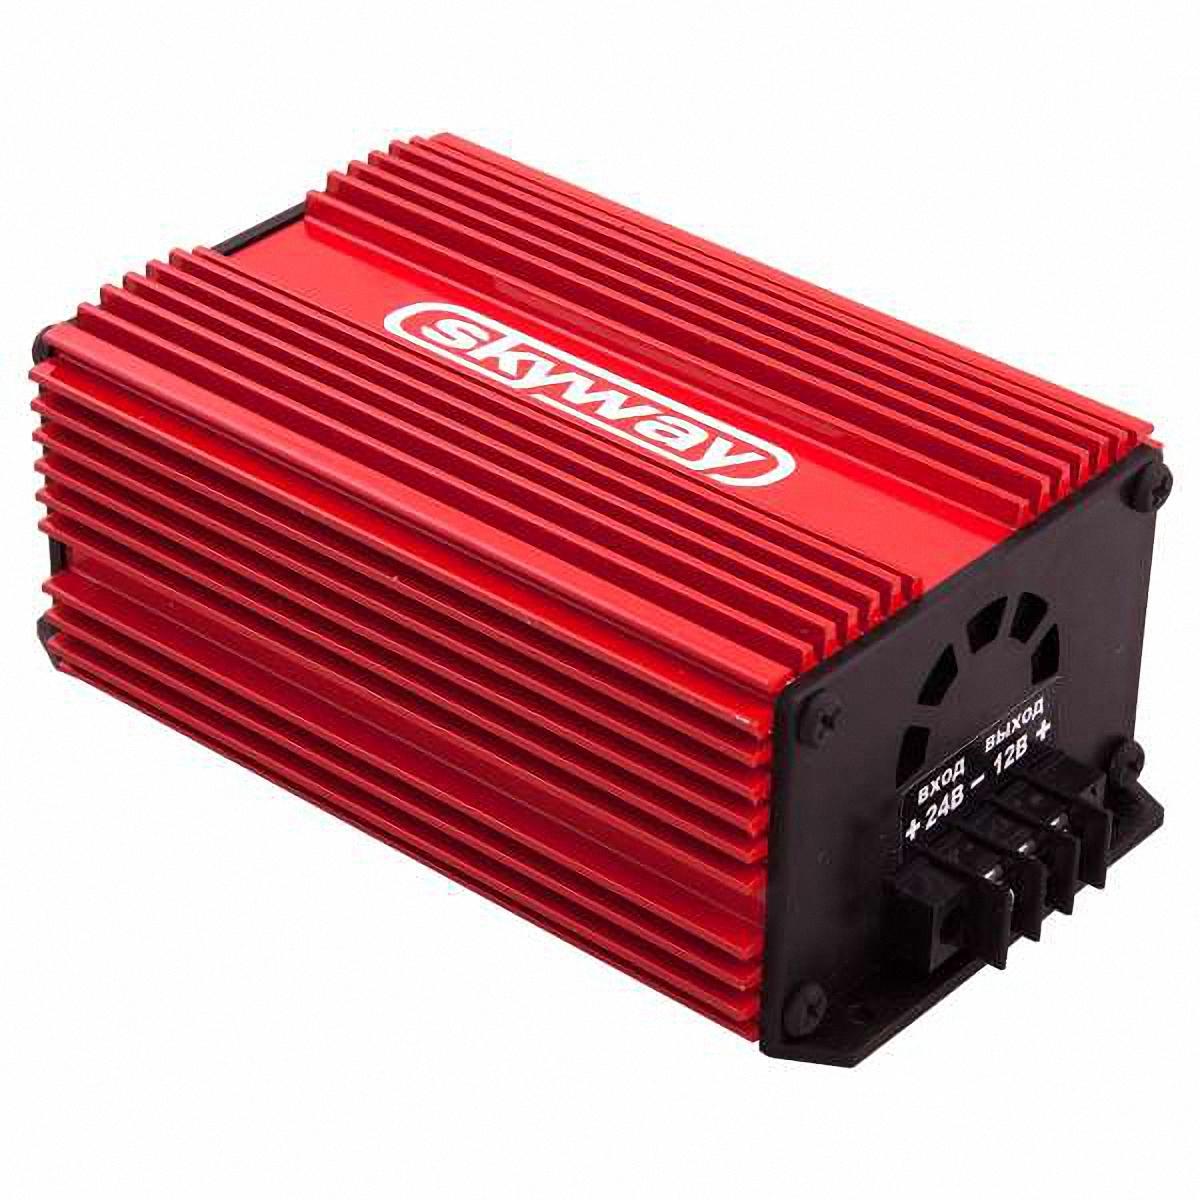 Преобразователь напряжения Skyway, 24/12V 40АS05501004Преобразователь напряжения 24/12V импульсный стабилизатор напряжения. Адаптер предназначен для преобразования нестабилизированного постоянного напряжения (22…30В) в постоянное стабилизированное напряжение 12В. Имеет встроенную защиту от короткого замыкания в нагрузке и перегрева. Адаптер может быть использован при работе с любыми видами нагрузок. Входное напряжение: 22…30ВВыходное напряжение: 13,6±0,5ВМакс. выходной ток: 40 АМакс. выходная мощность: 480 ВтКоэффициент полезного действия: не ниже 86%Напряжение пульсаций на выходе: 0,2 ВРабочая температура: -40…+70 °С